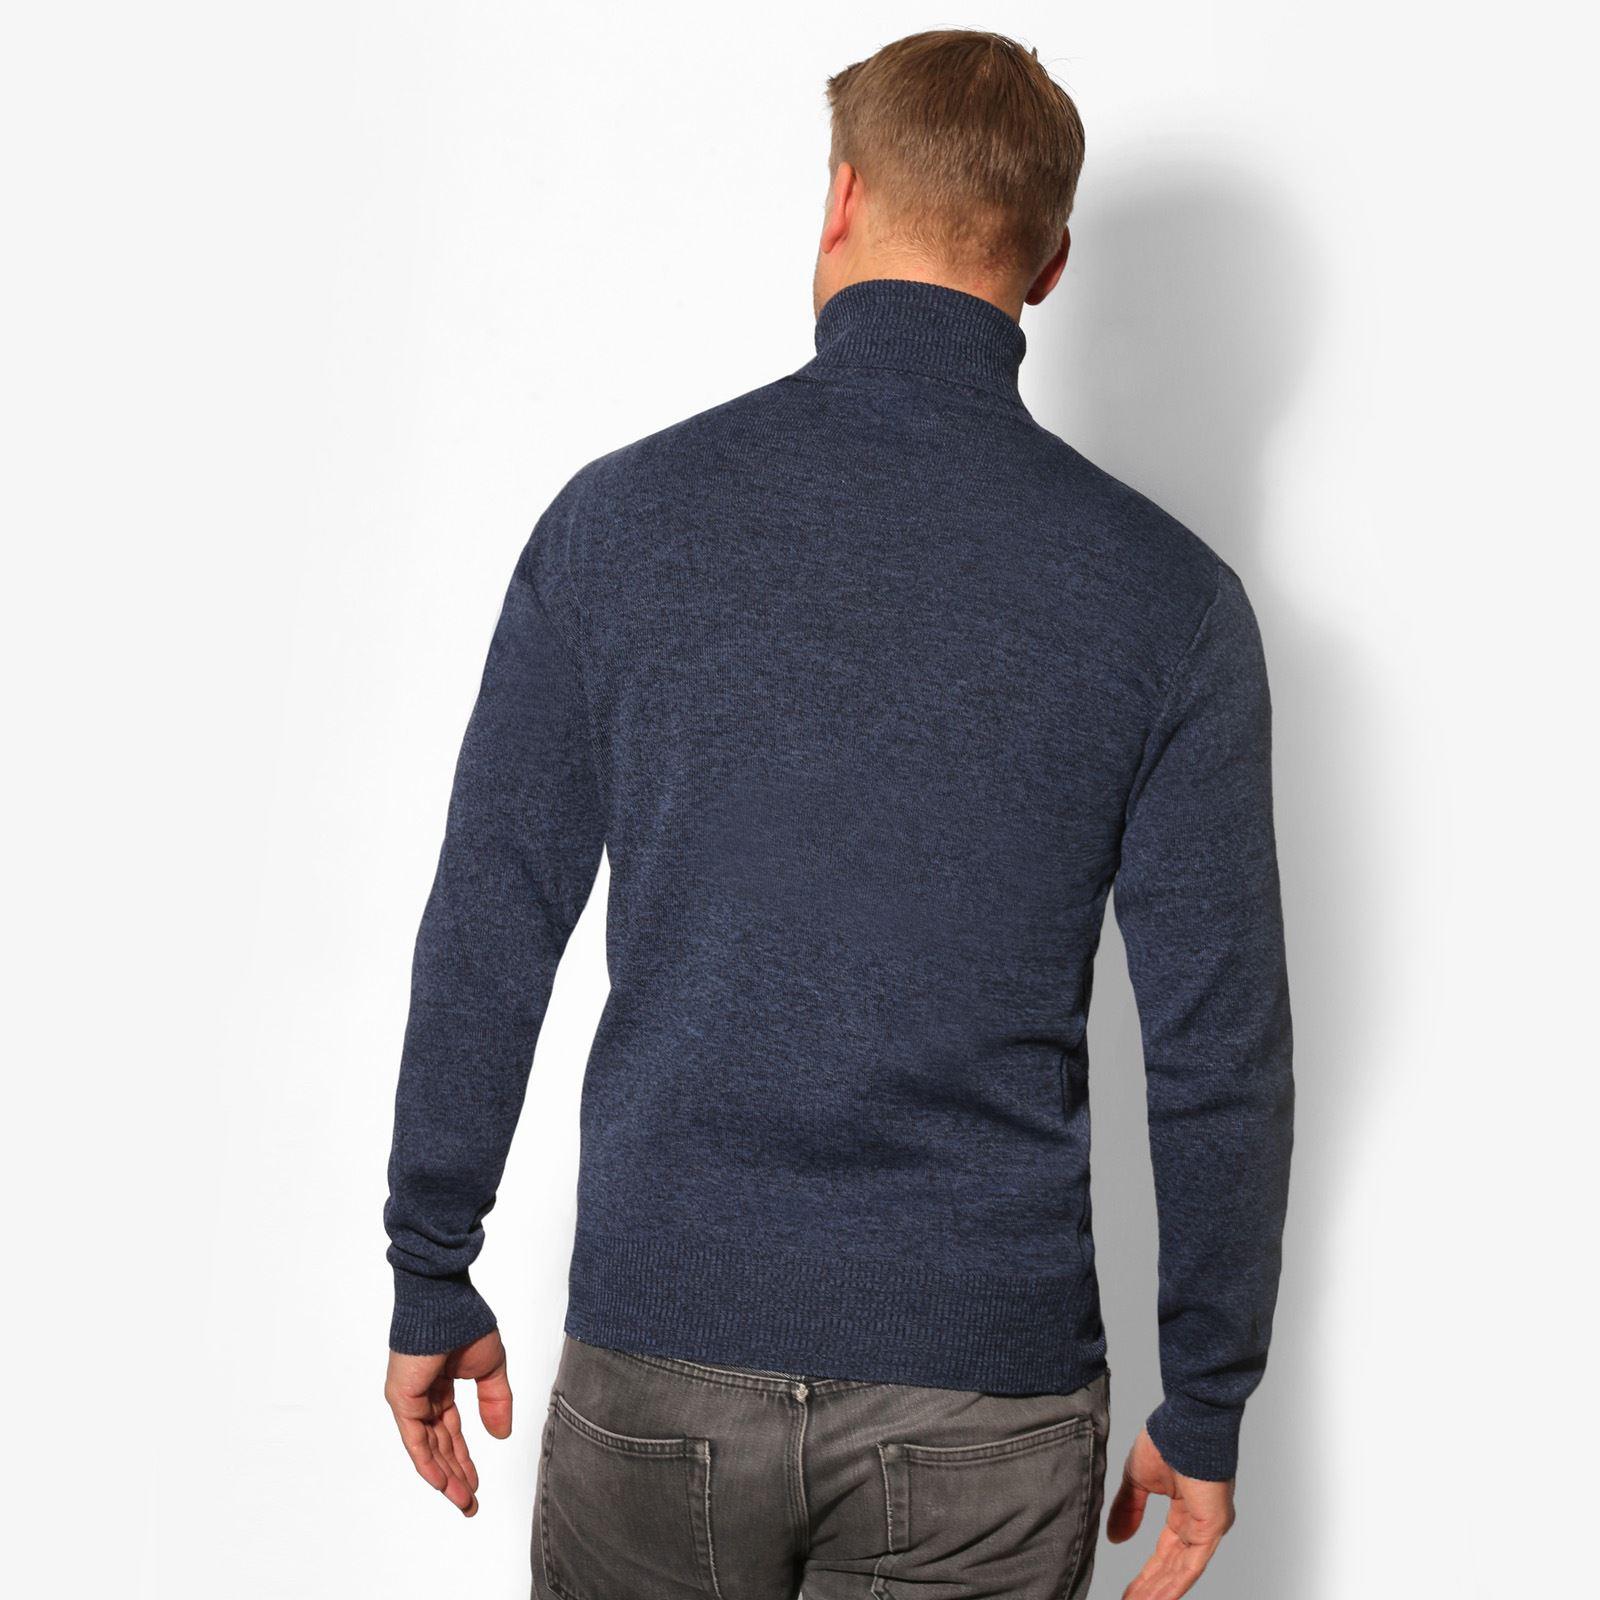 Jersey-Hombre-Lana-Caliente-Barato-Cuello-Vuelto-Alto-Talla-Grande-Frio-Invierno miniatura 3